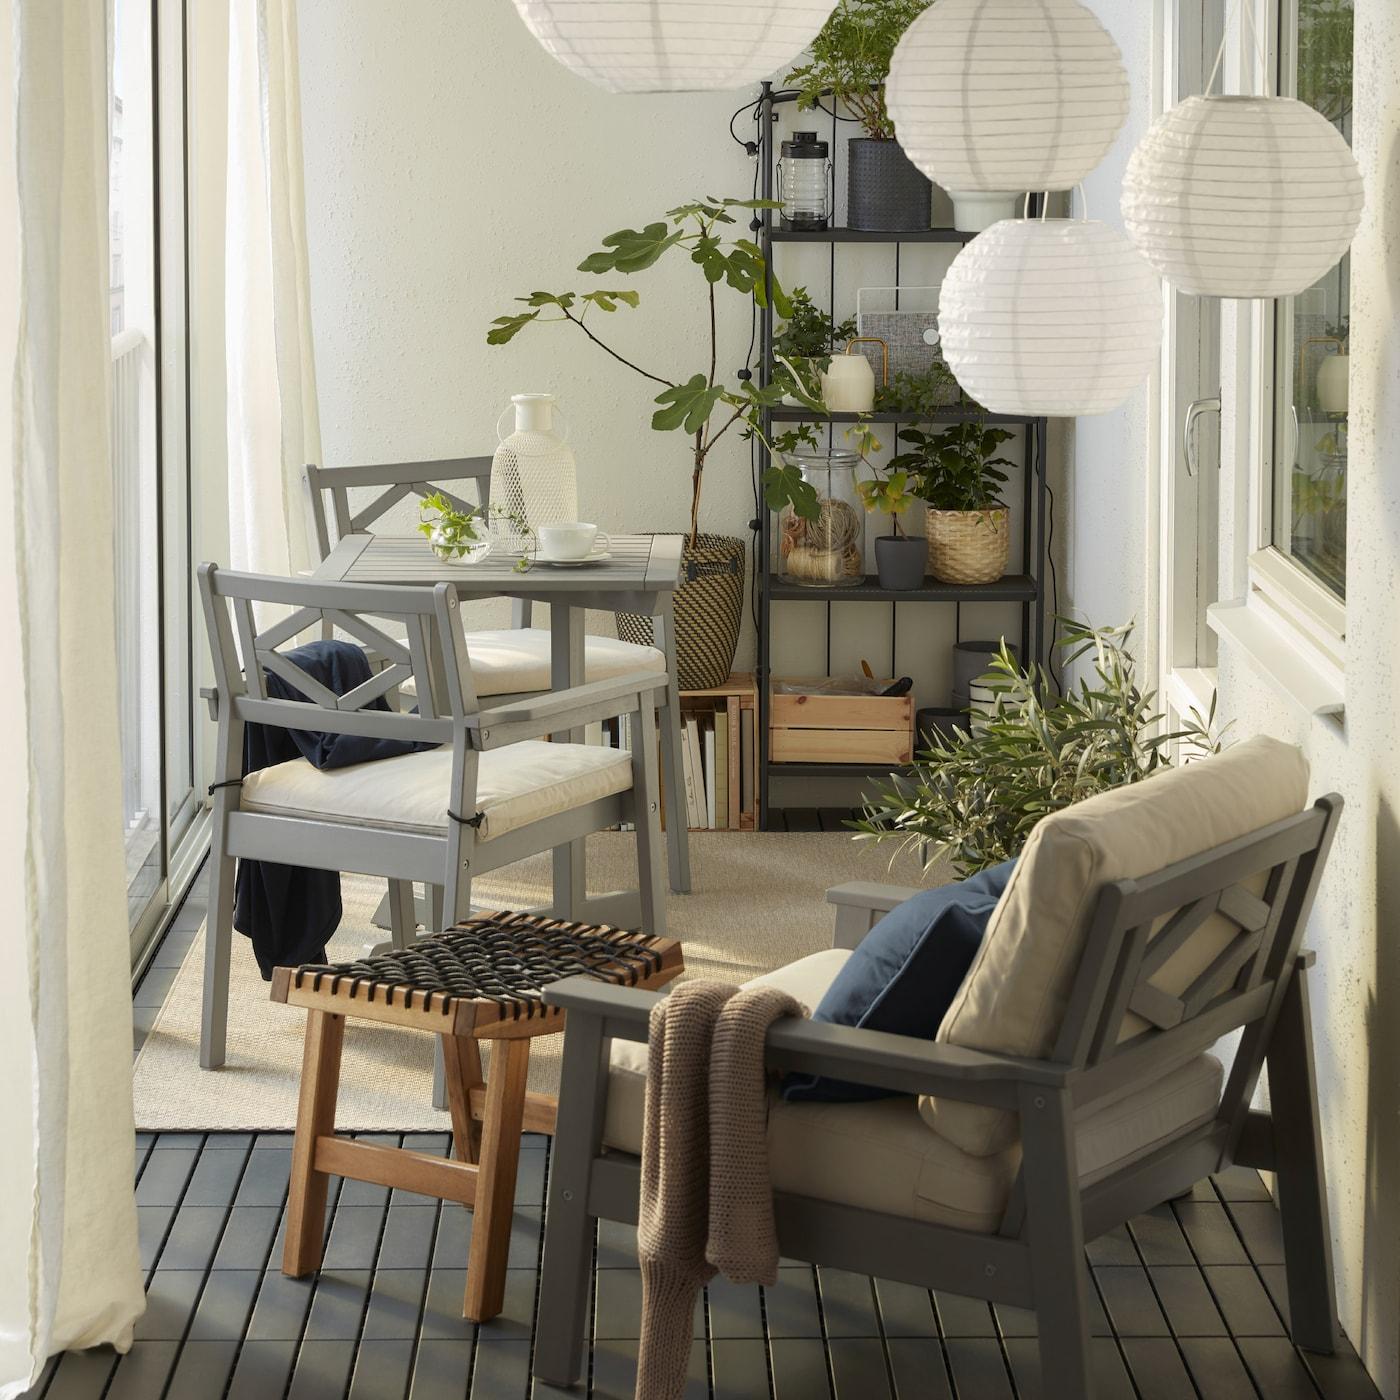 Un balcon fermé avec des meubles BONDHOLMEN gris, des suspensions rondes, un tapis beige, des rideaux blancs et de nombreuses plantes vertes.